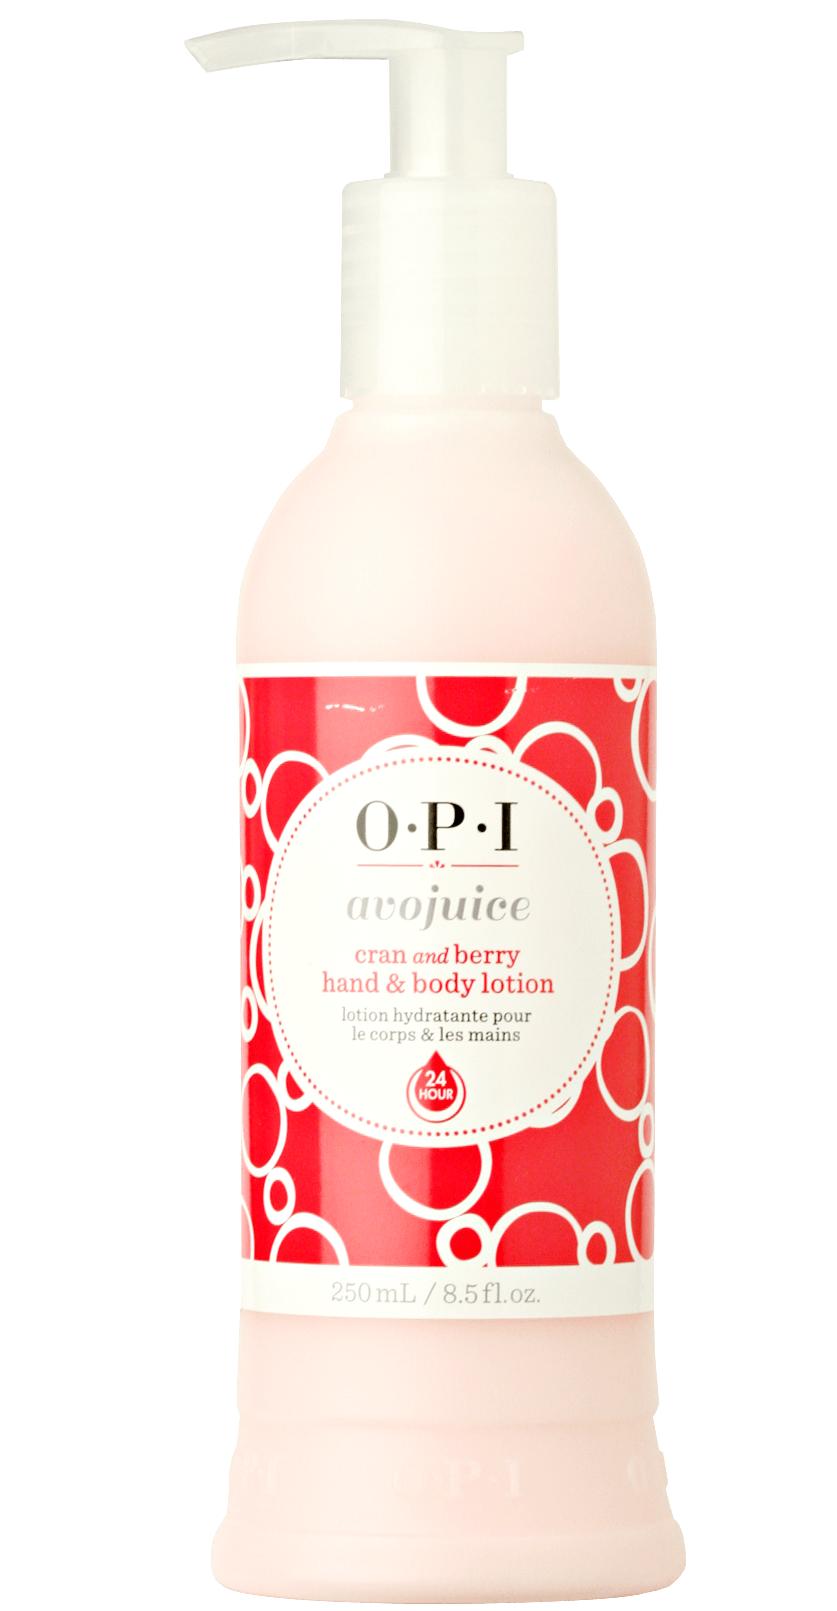 【レターパックのみ送料無料】OPI(オーピーアイ) アボジュース ハンド&ボディローション クラン&ベリー250ml